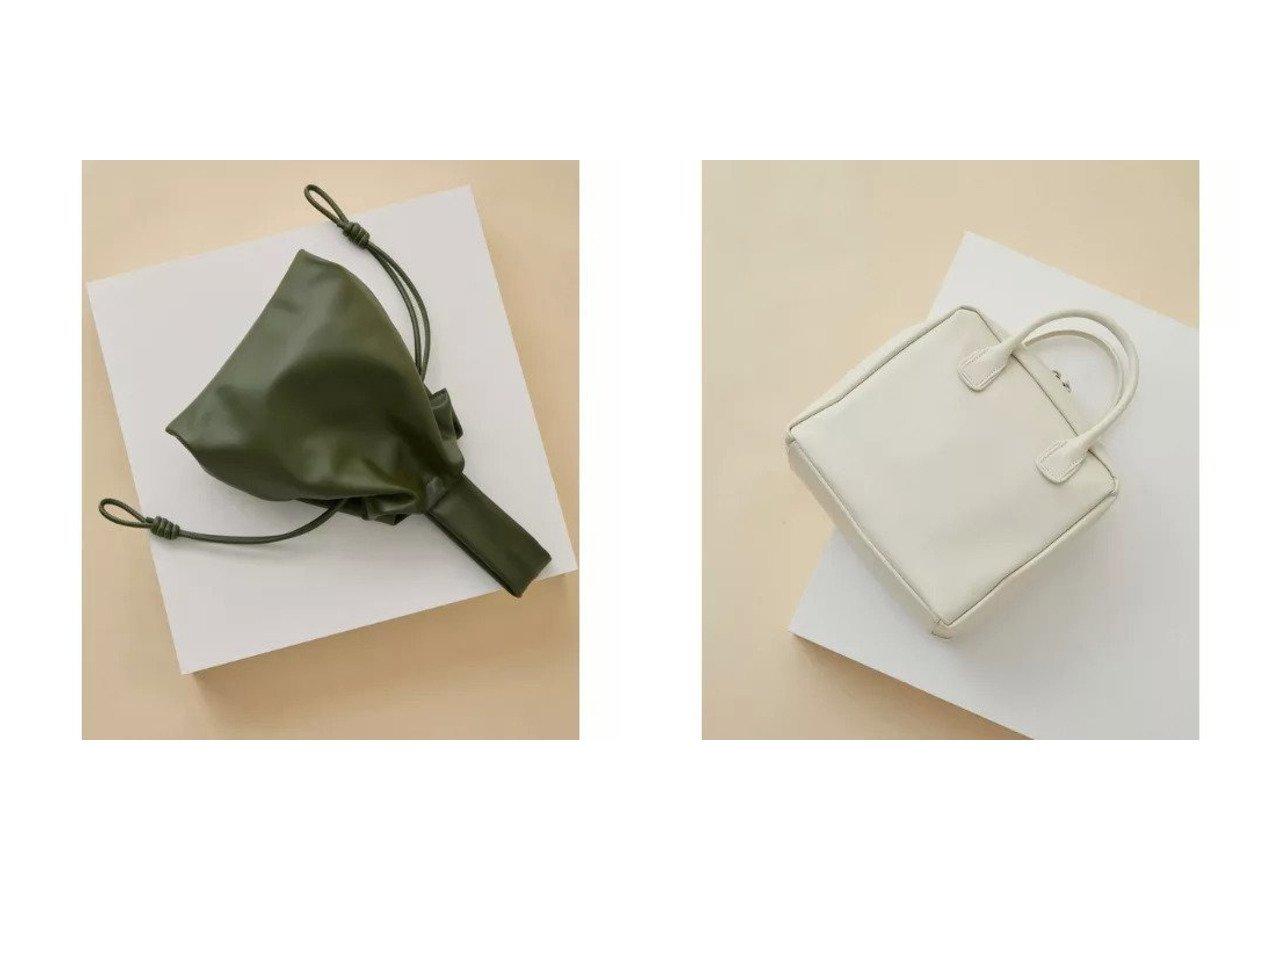 【Adam et Rope/アダム エ ロペ】のソフトスモールボストン&レザー巾着ミディアムバッグ バッグ・鞄のおすすめ!人気、トレンド・レディースファッションの通販  おすすめで人気の流行・トレンド、ファッションの通販商品 メンズファッション・キッズファッション・インテリア・家具・レディースファッション・服の通販 founy(ファニー) https://founy.com/ ファッション Fashion レディースファッション WOMEN バッグ Bag ショルダー ハンドバッグ フォルム リアル 巾着 シルバー シンプル ボストンバッグ A/W 秋冬 AW Autumn/Winter / FW Fall-Winter  ID:crp329100000009937